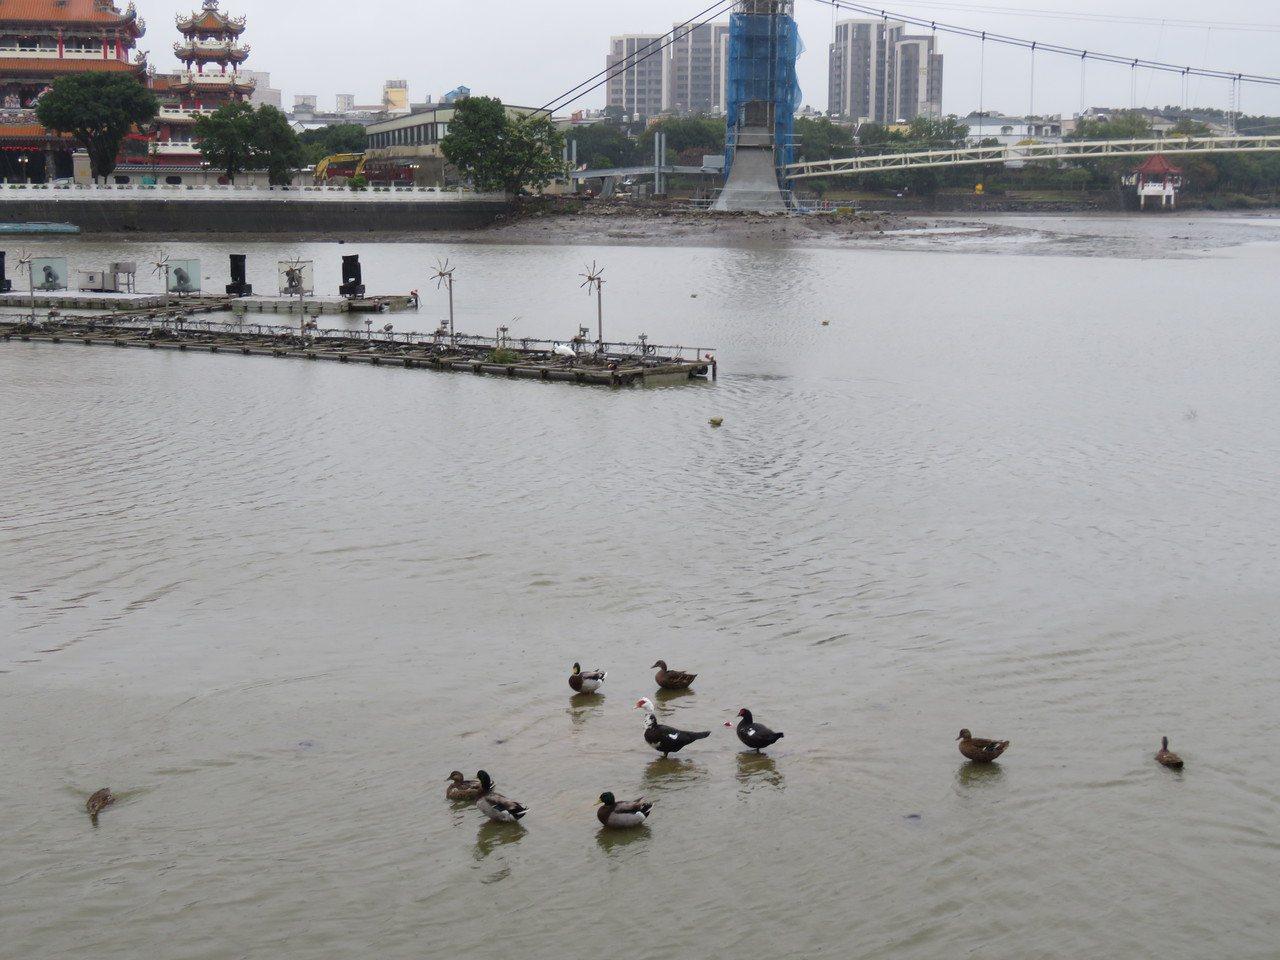 桃園龍潭大池配合環保局水質淨化工程進行,陸續排流水降低水位。記者張弘昌/攝影